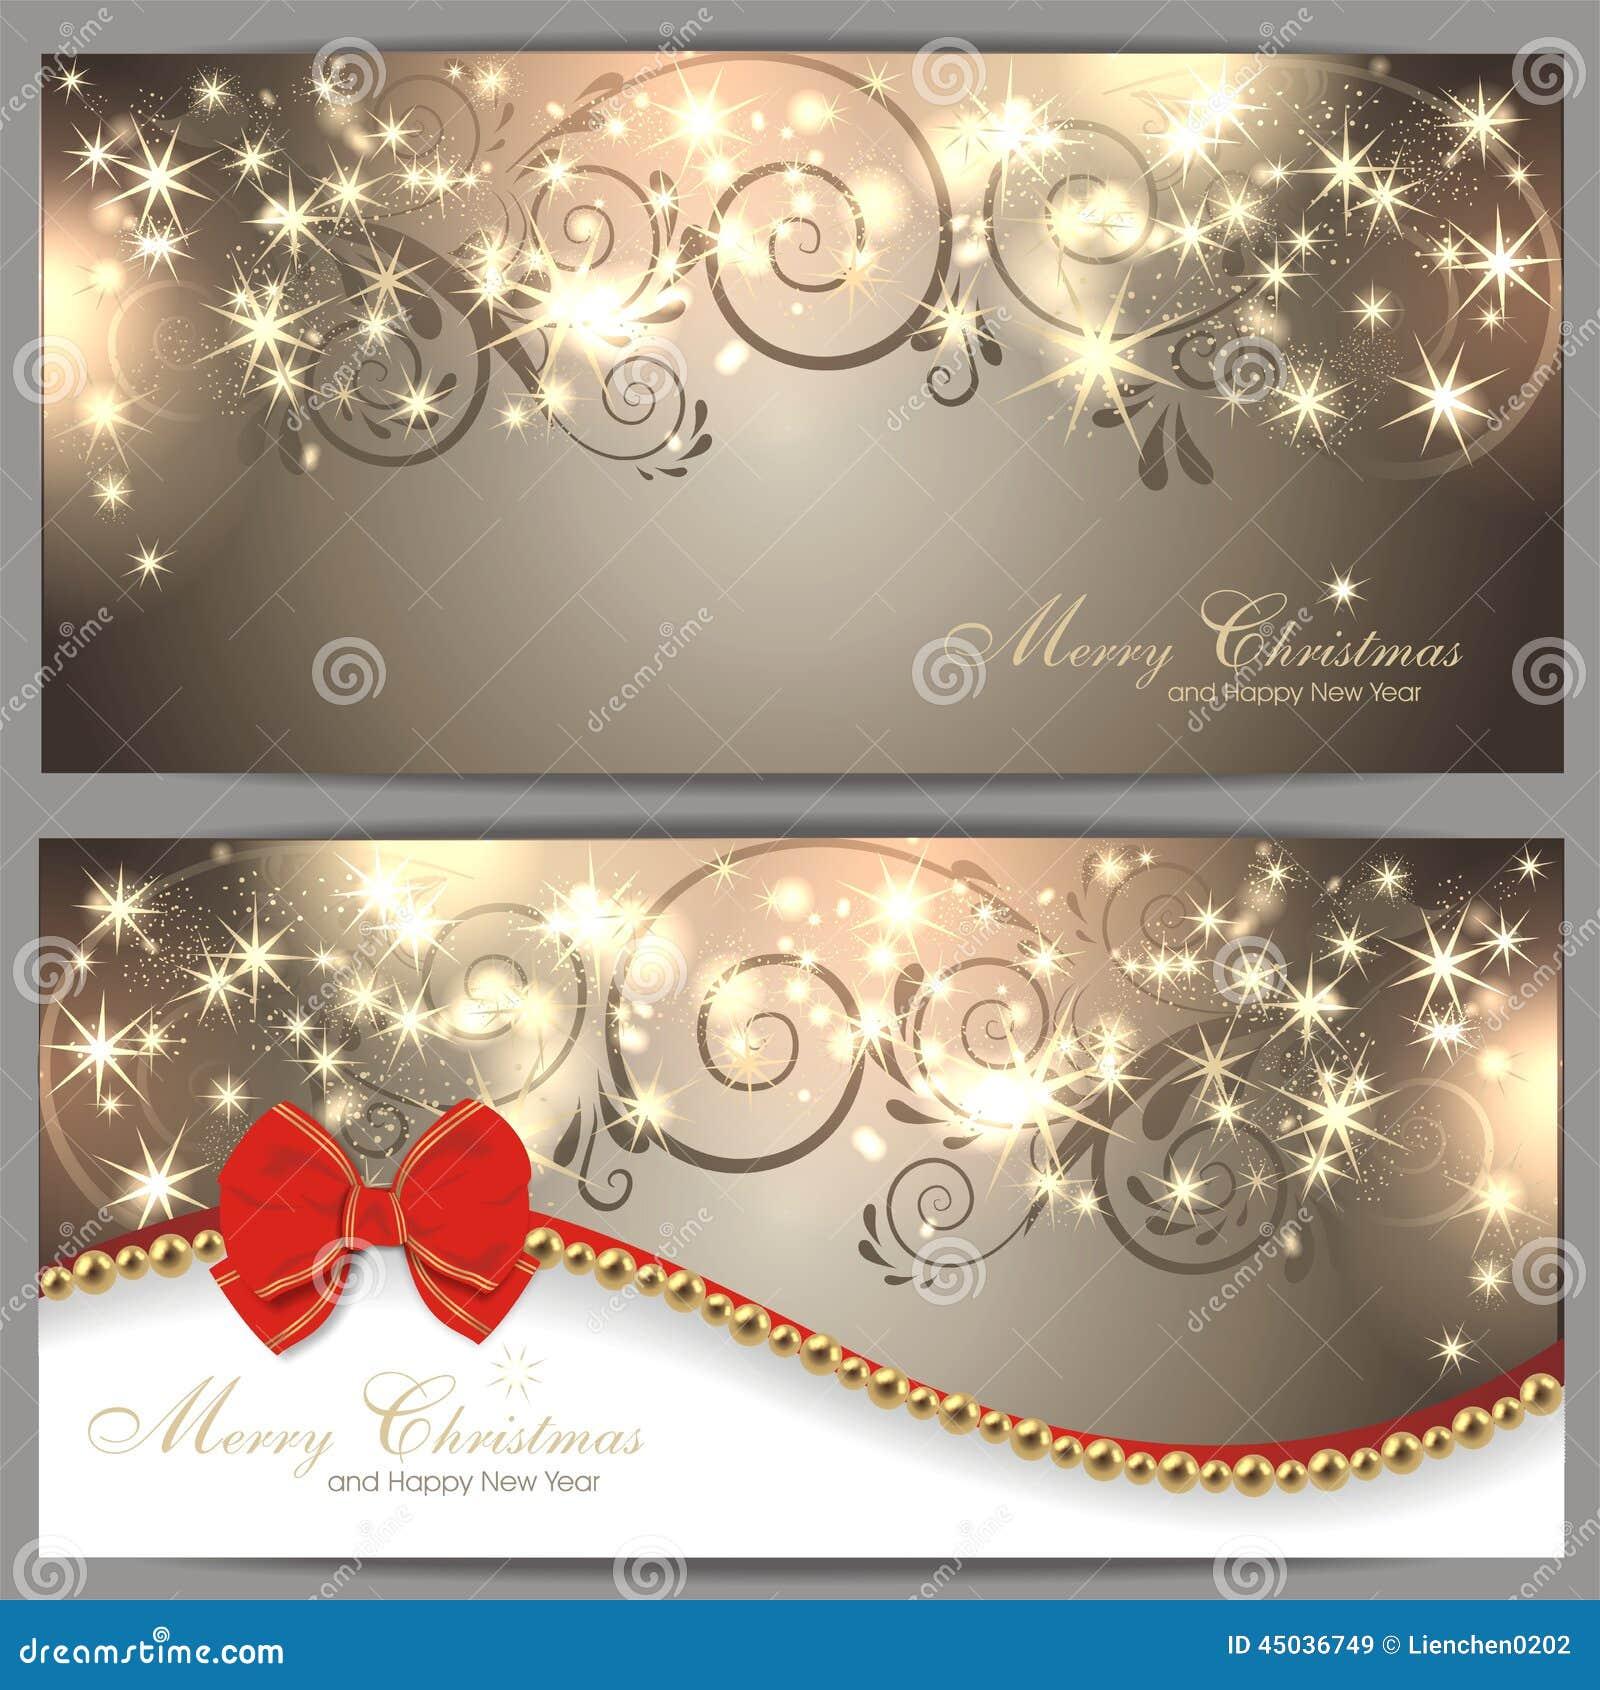 2 Magische Weihnachtskarten Vektor Abbildung - Illustration von ...